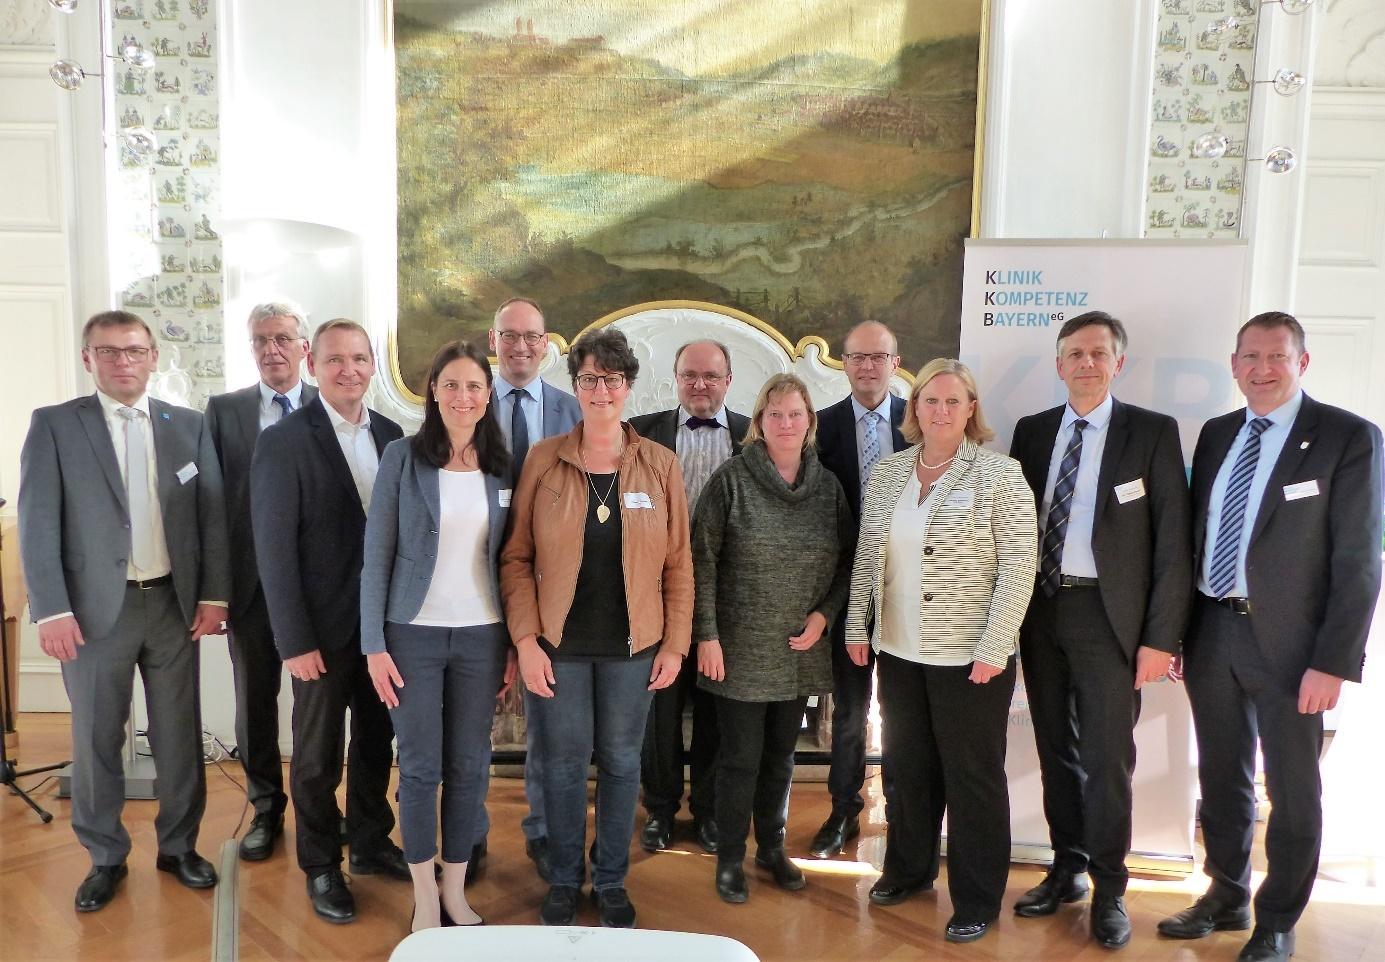 Dialog über die Zukunft der Klinikstrukturen in Bayern